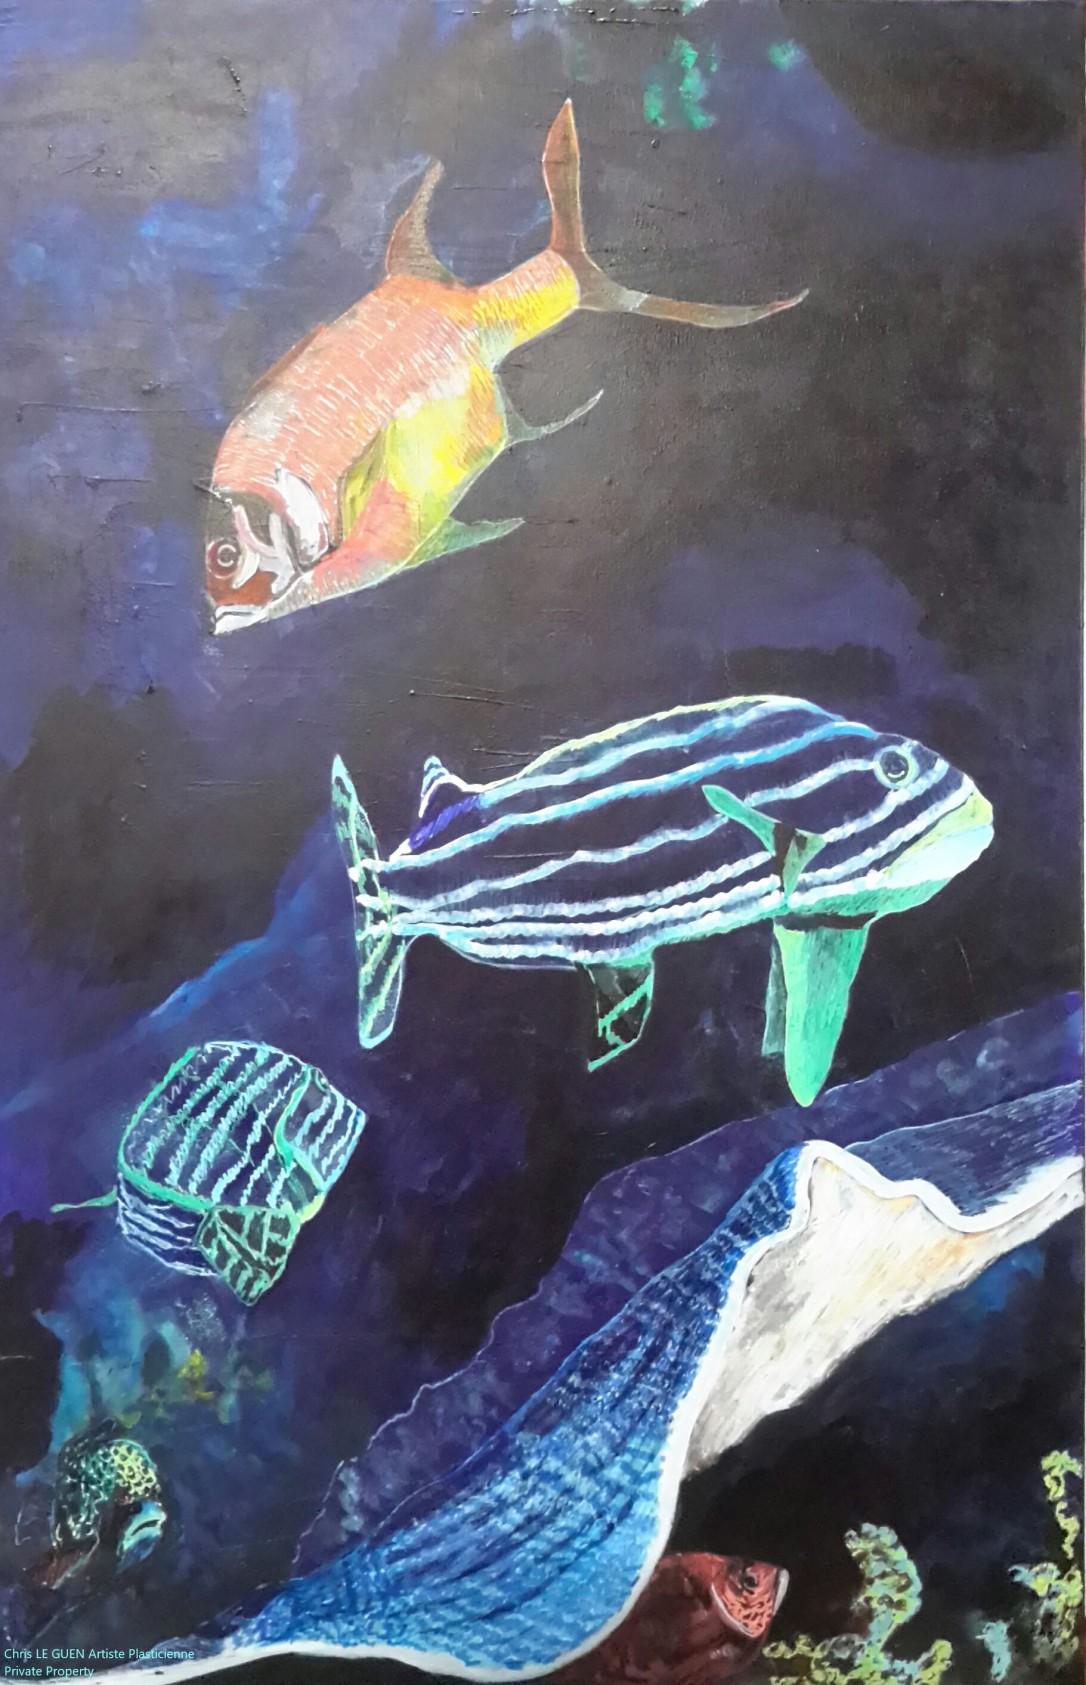 Profondeur a été peint par Chris Le Guen Artiste Plasticienne Peintre et Sculptrice